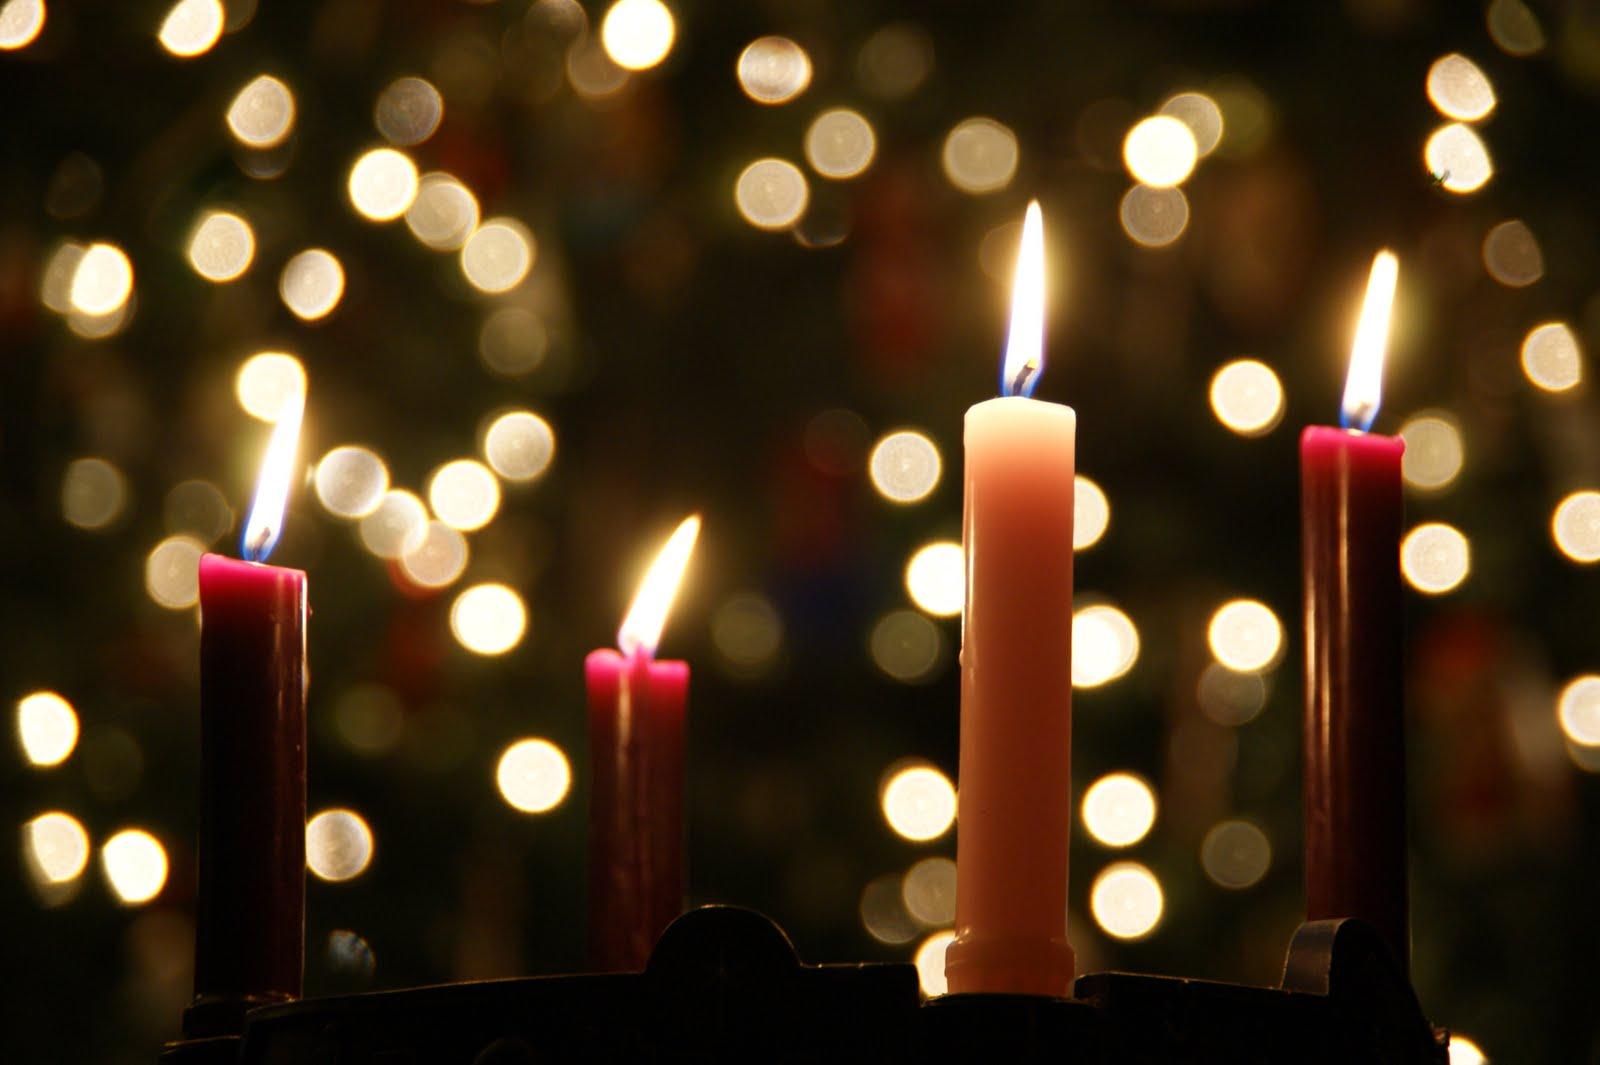 Advent-Christmas-candle-10 & Advent-Christmas-candle-10 u2013 Pastor with a Purse azcodes.com